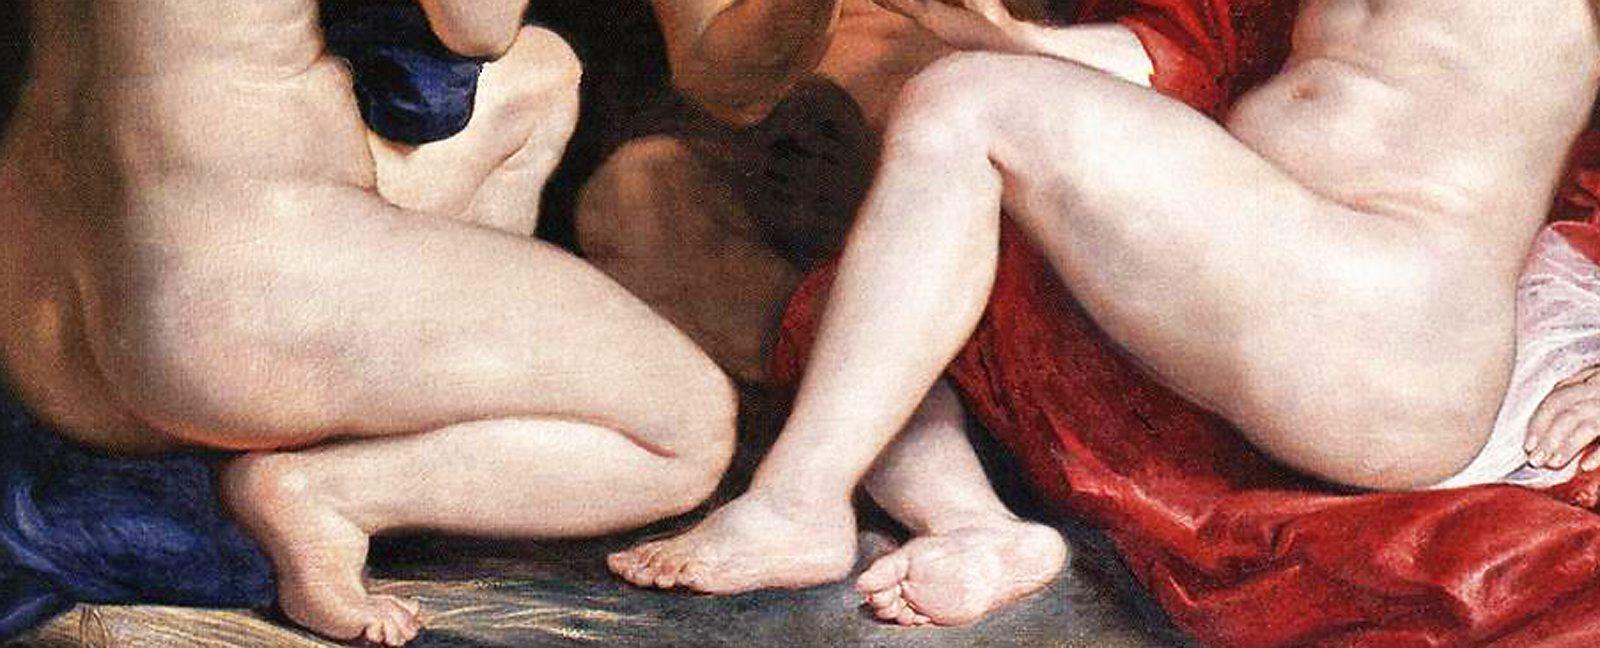 Чем целлюлит Рубенса отличается от целлюлита Ван Дейка и целлюлита Йорданса?